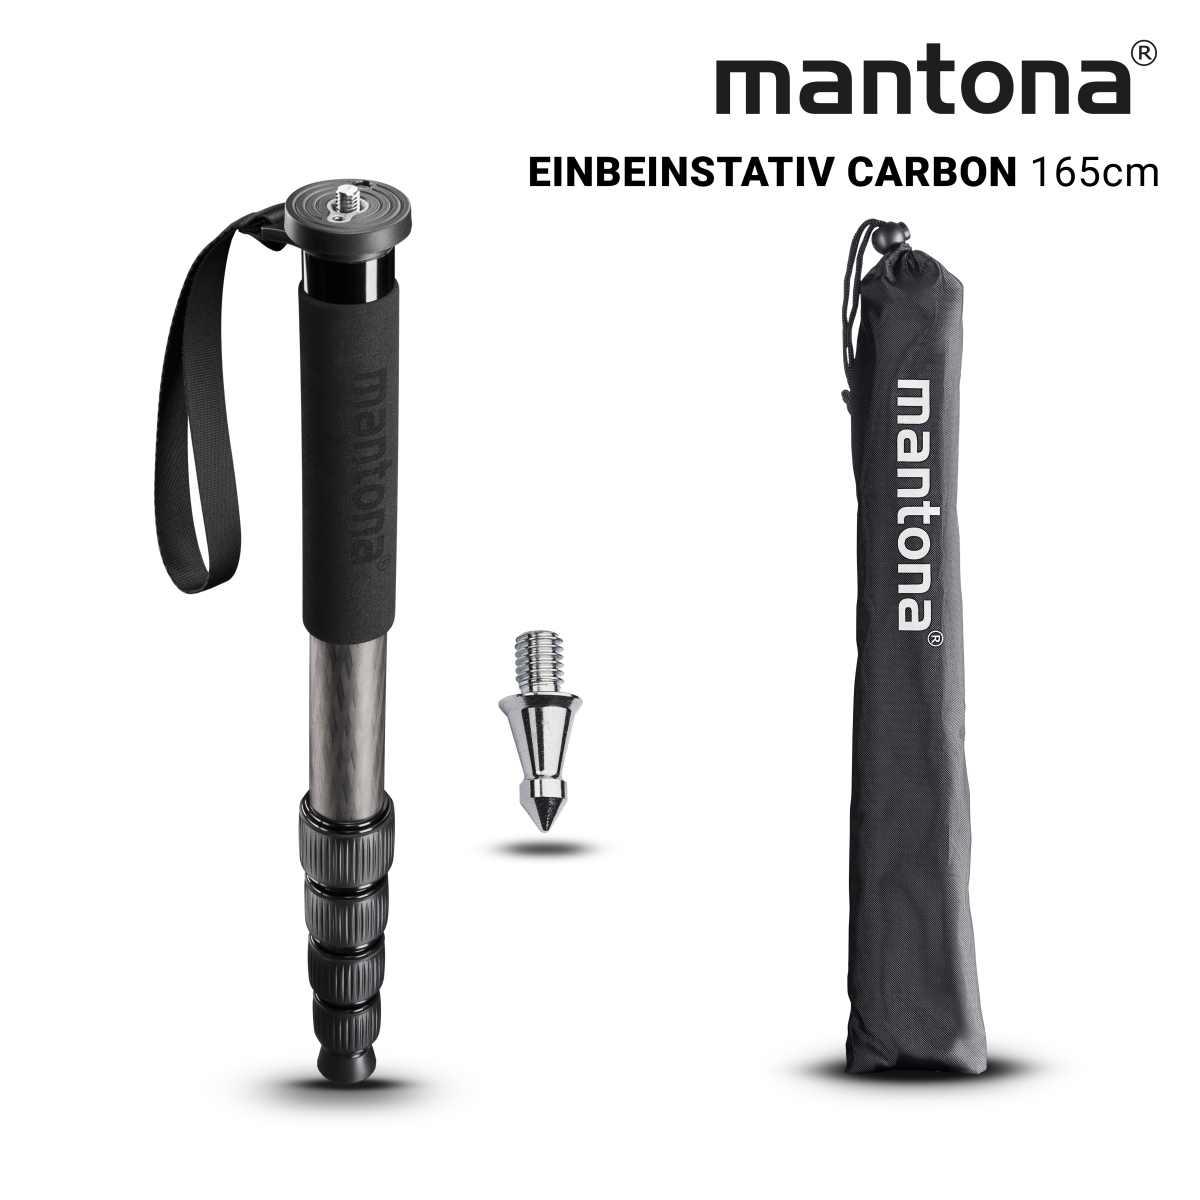 Mantona monopod Pro ONE 165C